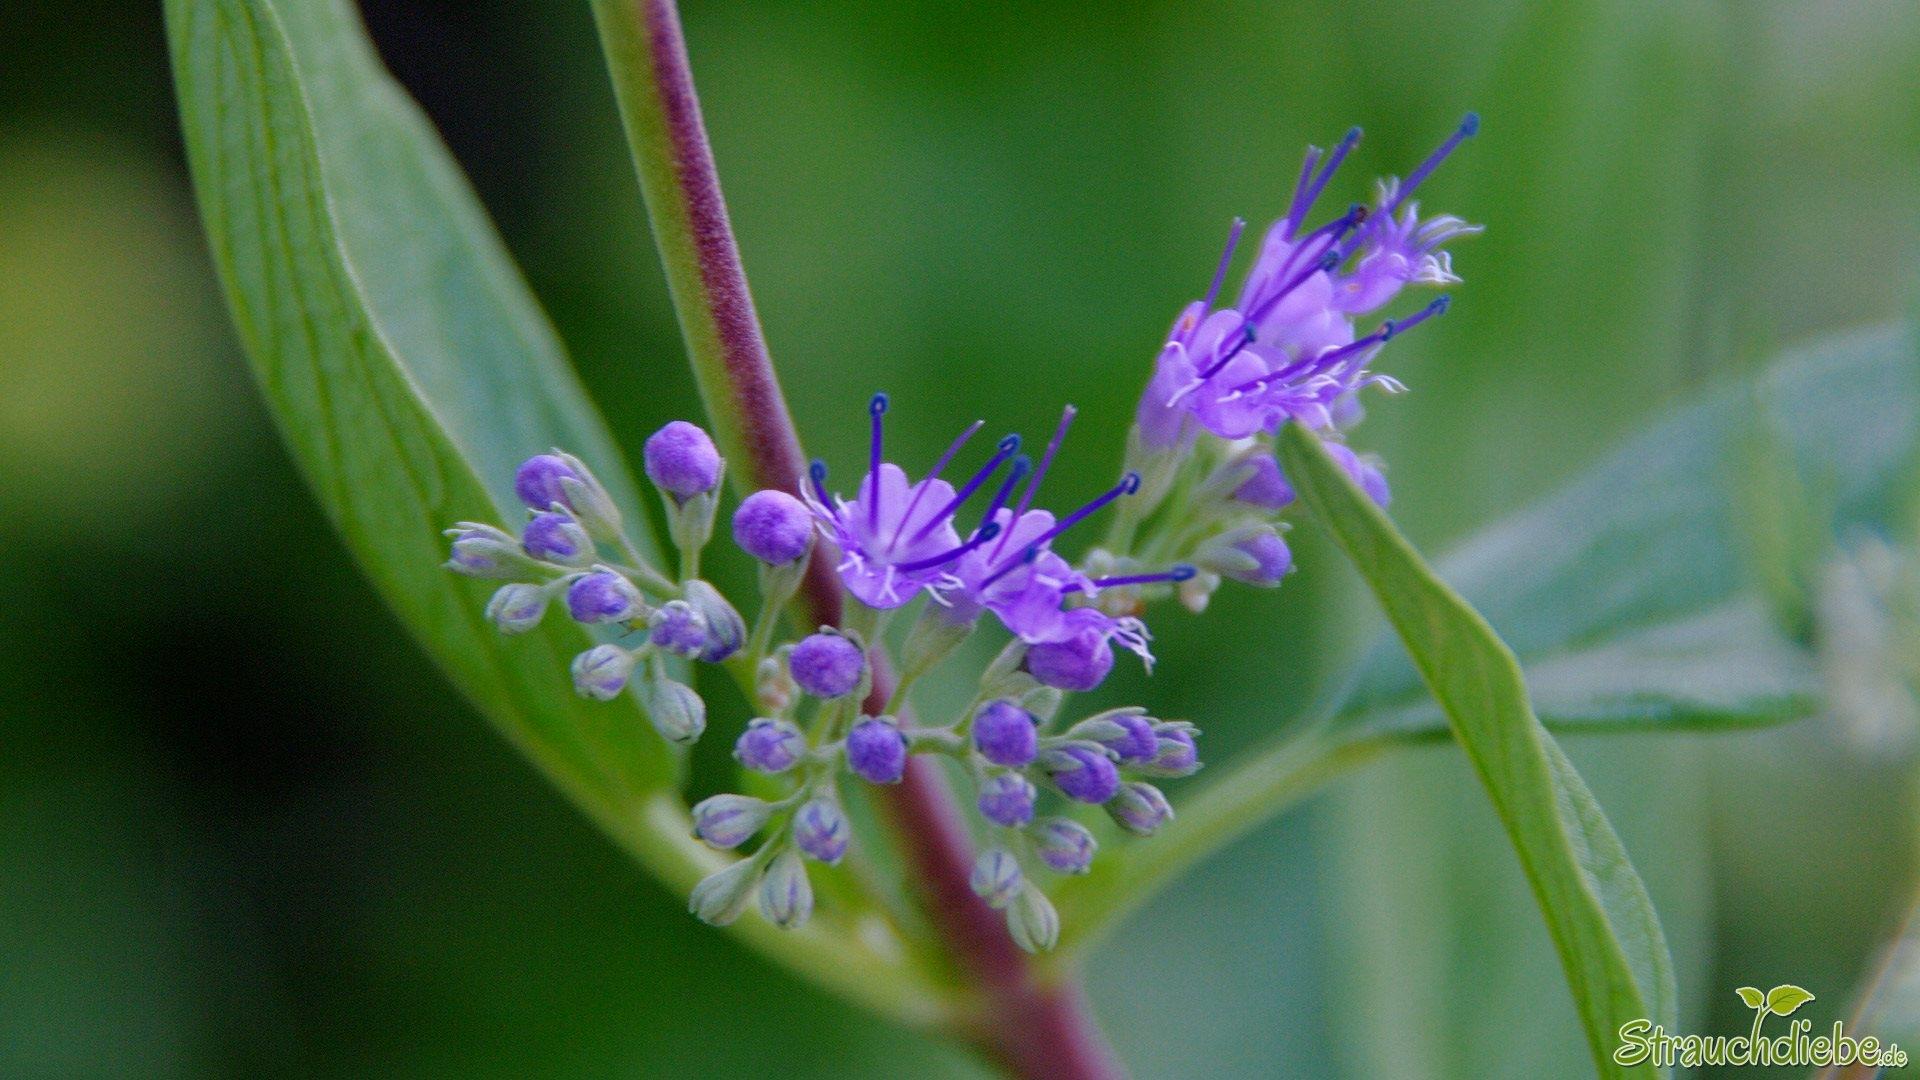 Cladon-Bartblume (Caryopteris ×clandonensis 'Heavenly Blue')